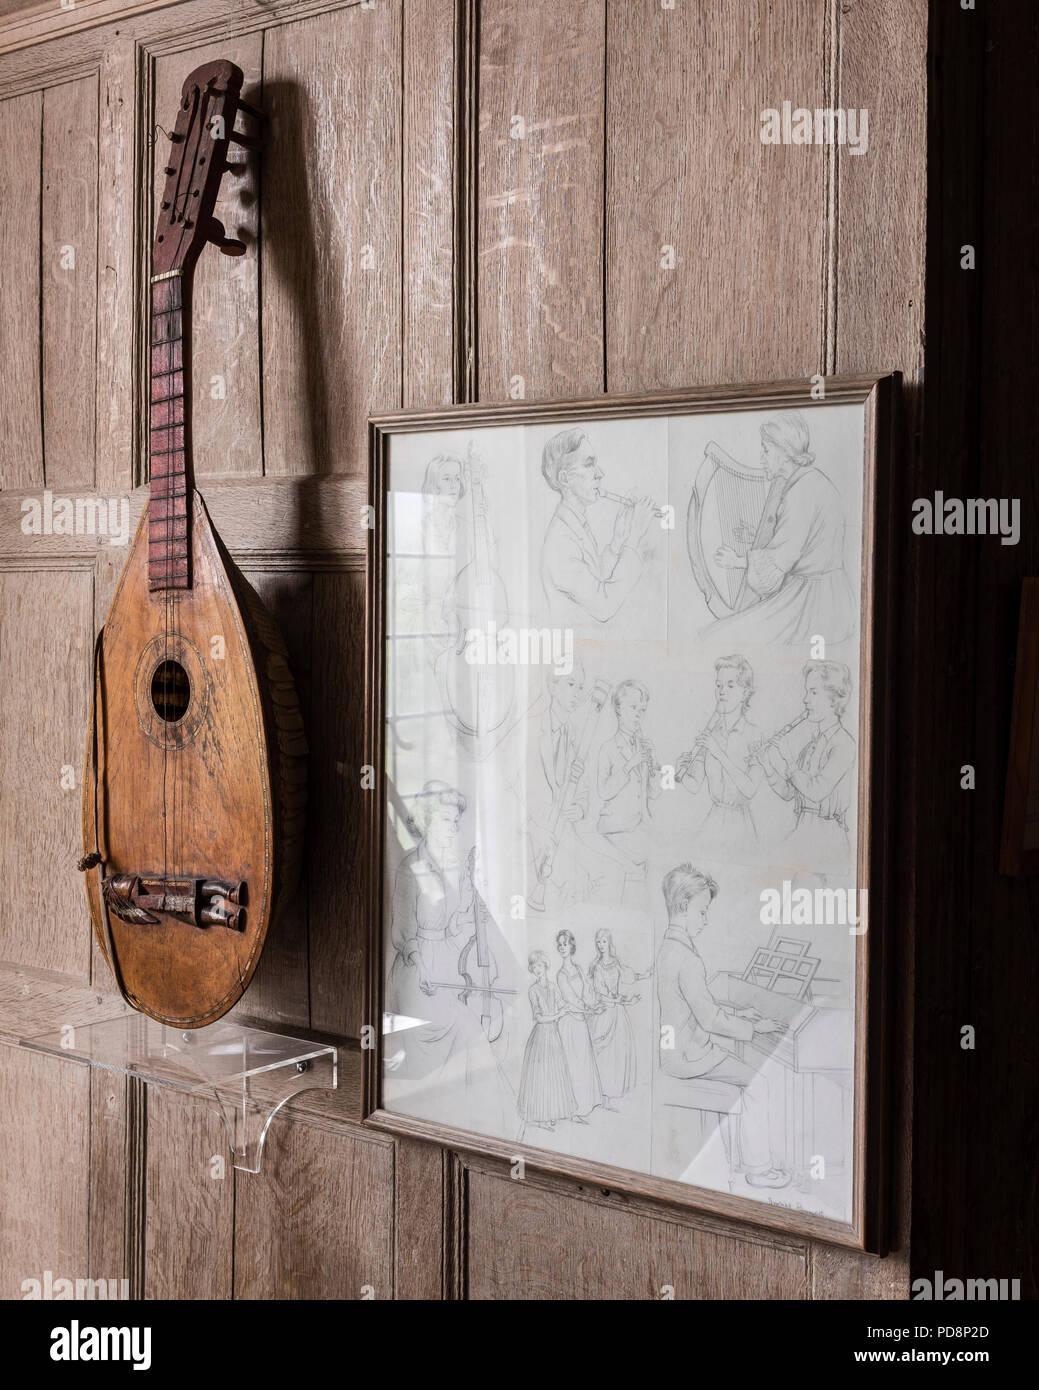 Strumento a corda e incorniciato artwork di musicisti a suonare strumenti Immagini Stock